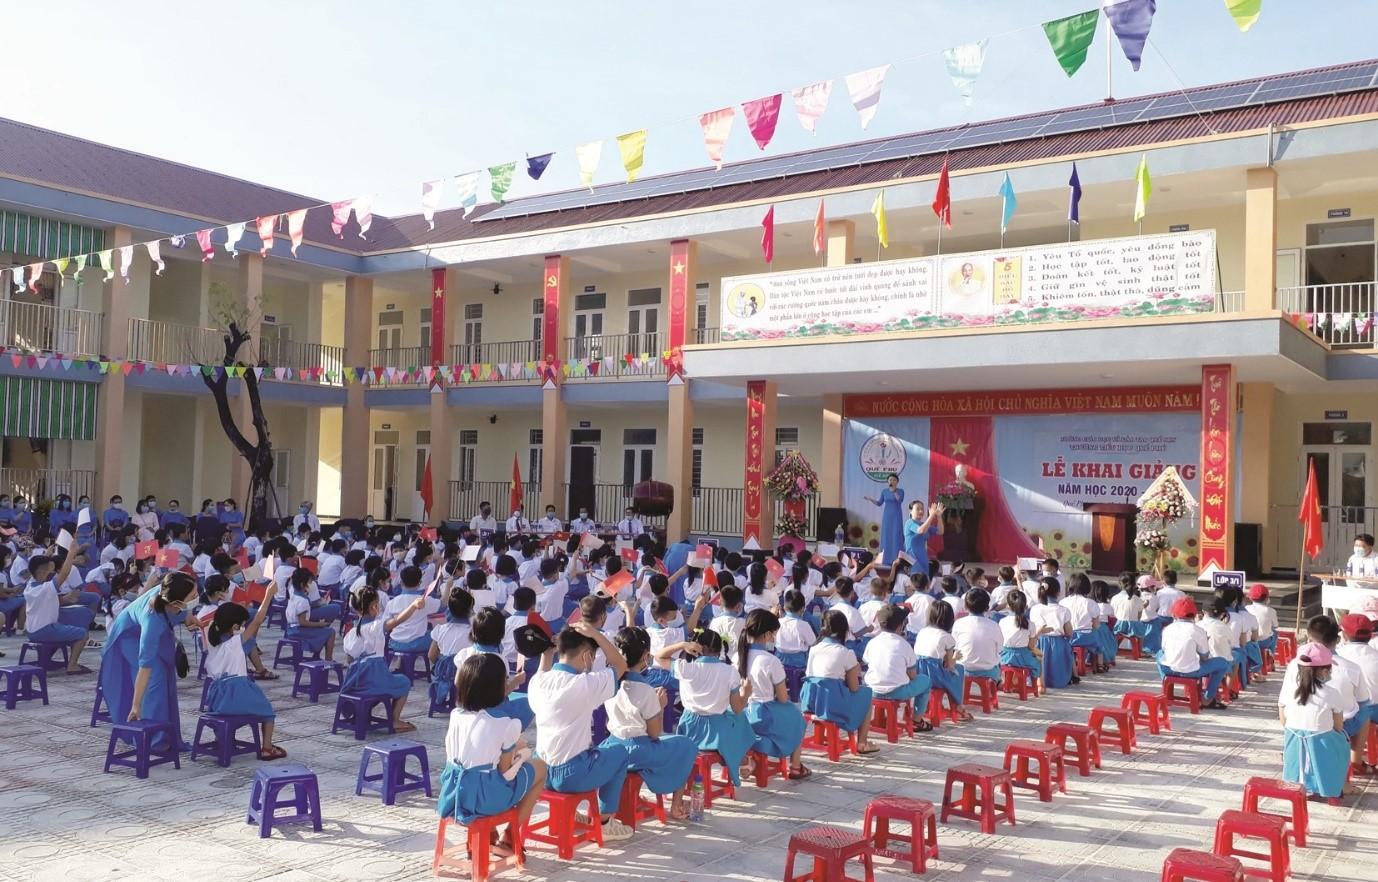 Trường Tiểu học Quế Phú (huyện Quế Sơn, Quảng Nam) được đầu tư xây mới kiên cố, khang trang, được đưa vào sử dụng đúng dịp khai giảng năm học mới 2020 - 2021